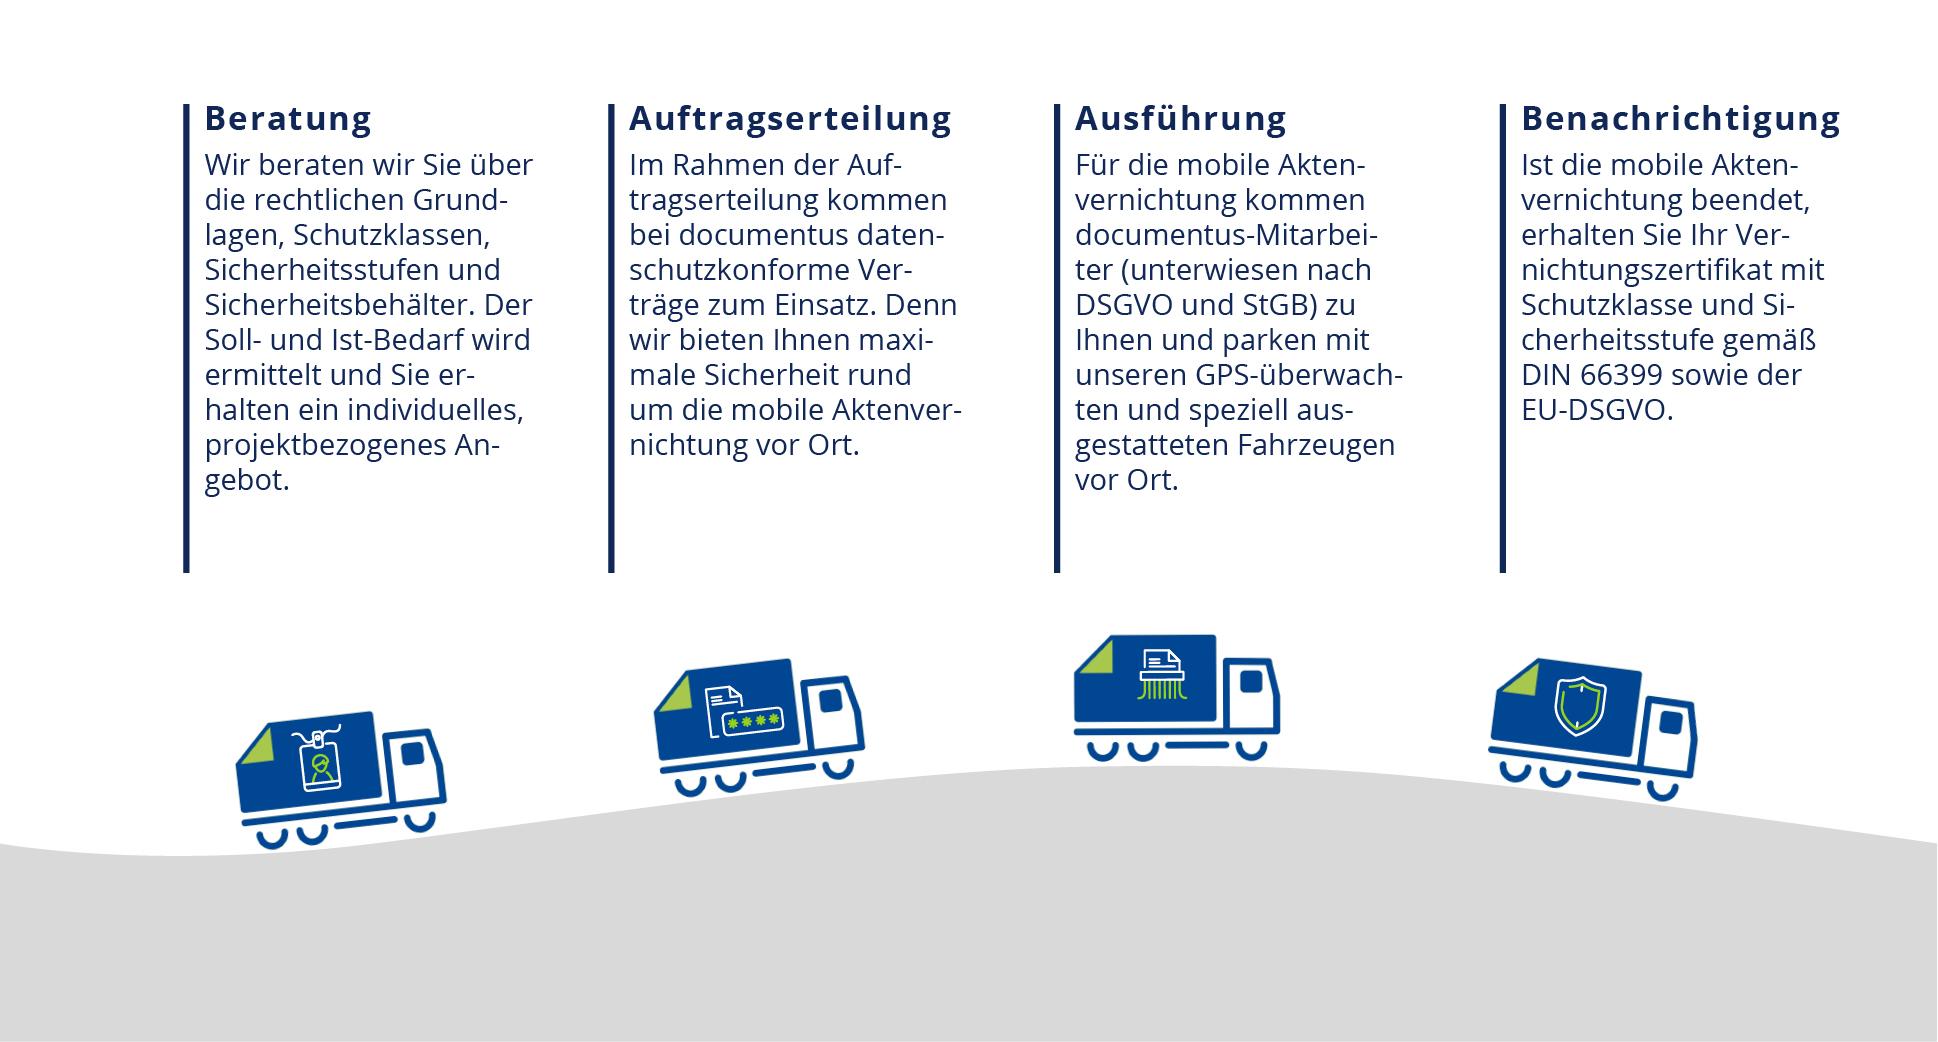 Vernichtung, Löschung, Archivierung, Digitalisierung, Datenschutz   In: München, Augsburg, Nürnberg, Gablingen